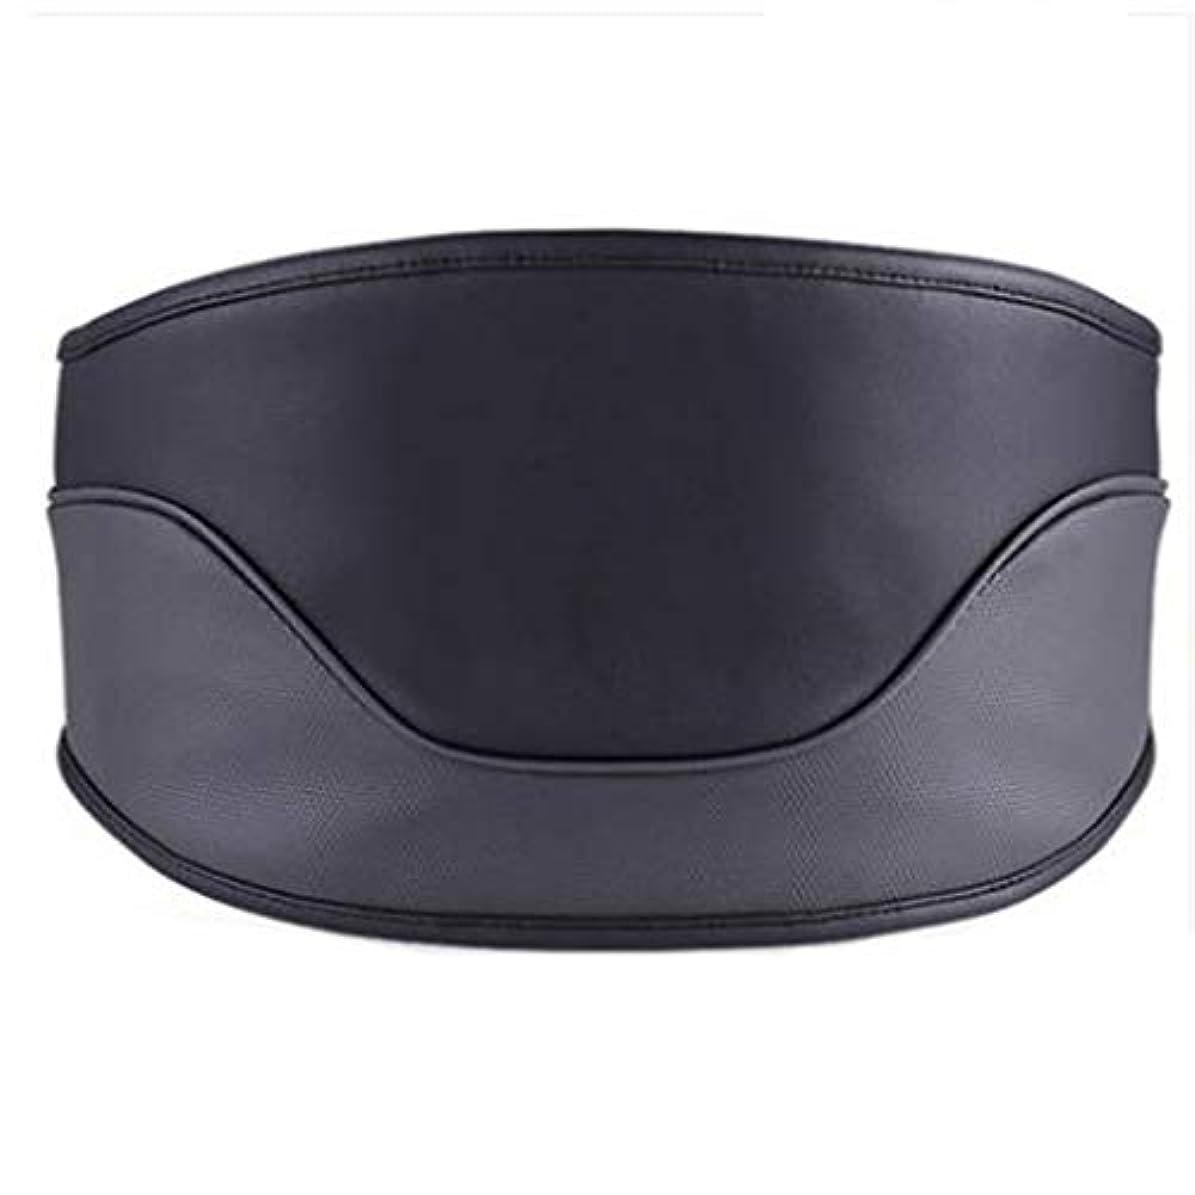 高原ヒュームあいにくマッサージャー マッサージャーウエストマッサージャー首肩全身ホーム腰椎マッサージャー電気暖房付き多機能成人理学療法ギフトホームオフィスカー (Color : Black, Size : M)